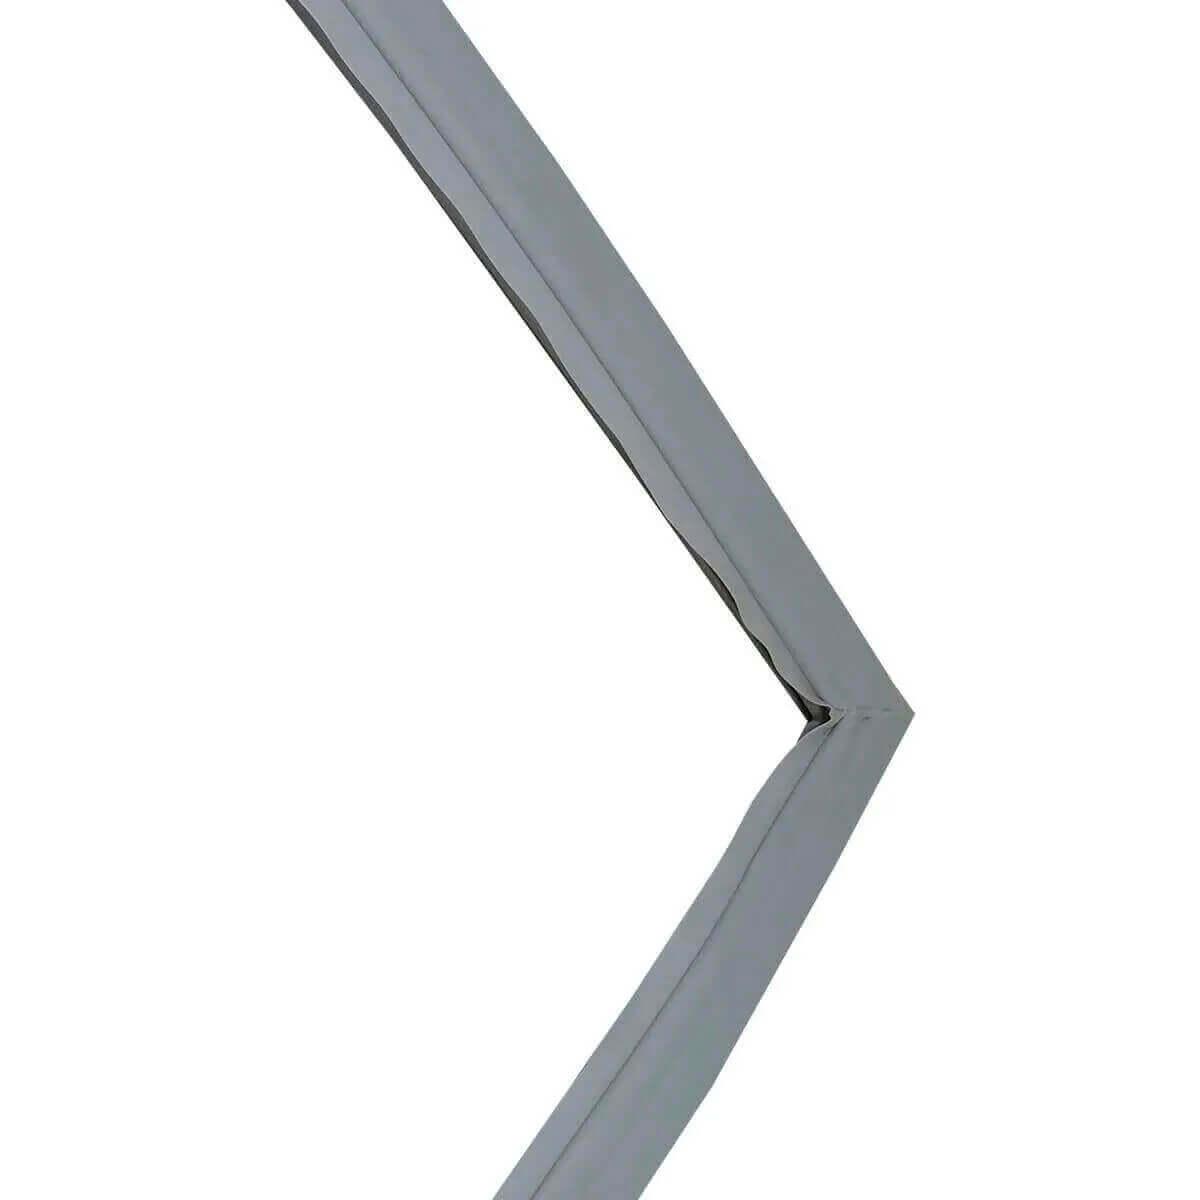 Gaxeta Borracha da Porta do Freezer Refrigerador Brastemp - 326029919